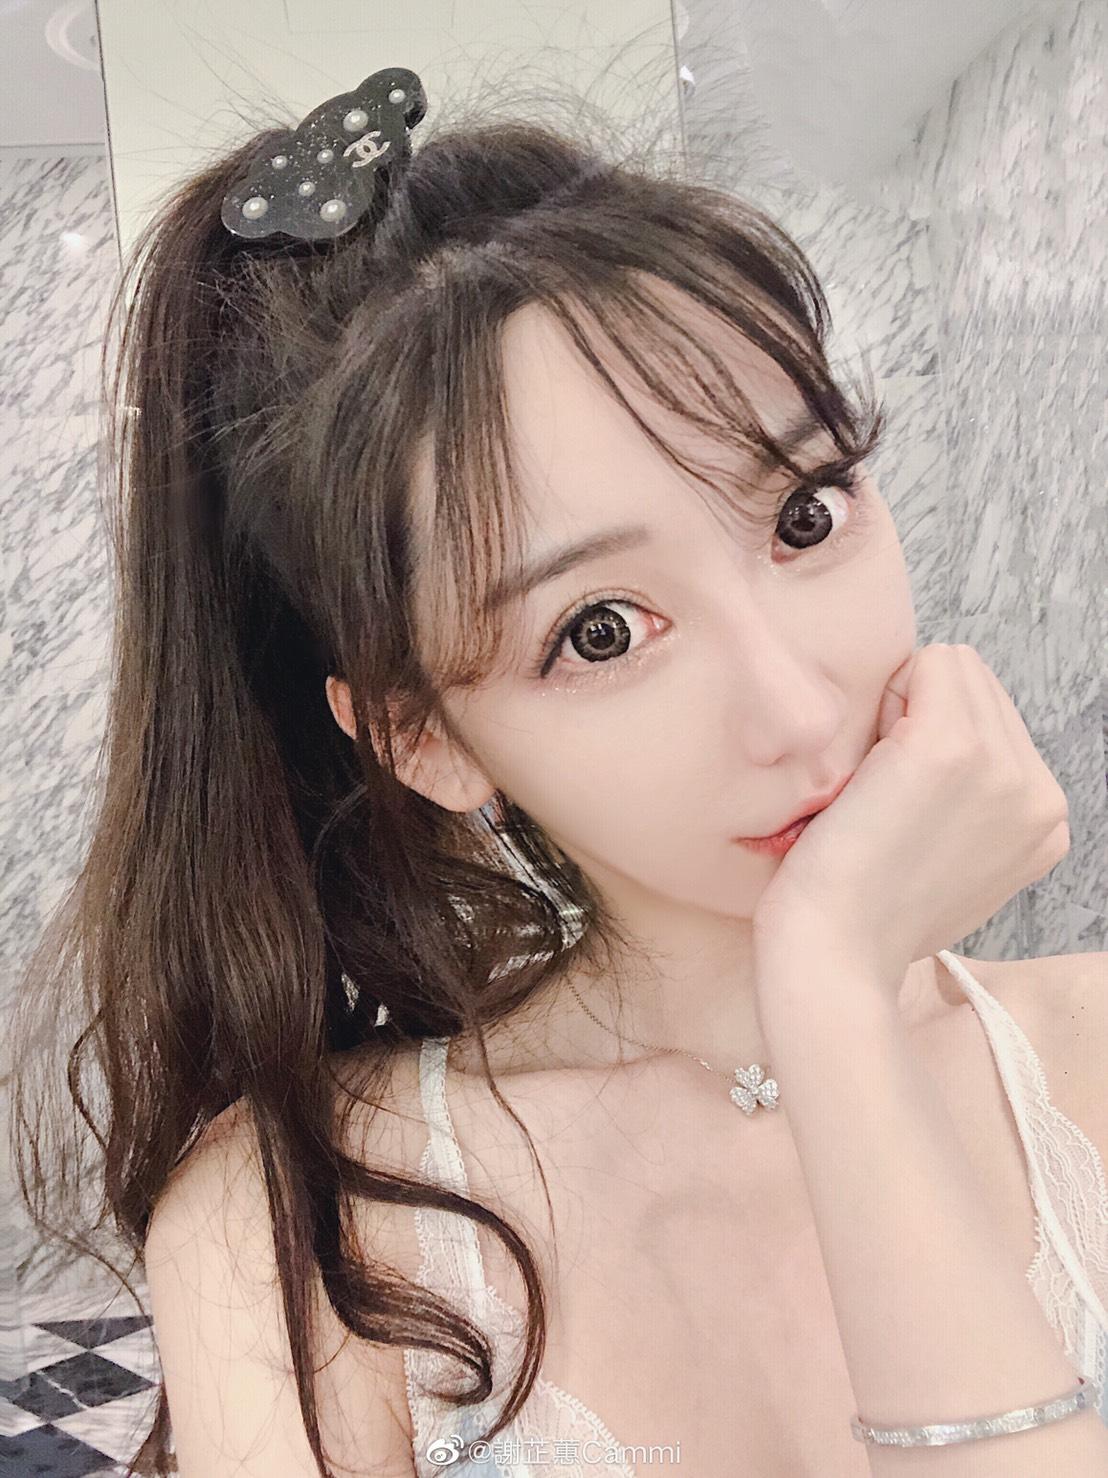 情场高手「陈冠希」情史大公开!10位前女友「悲惨状况」曝光! - 宅男圈